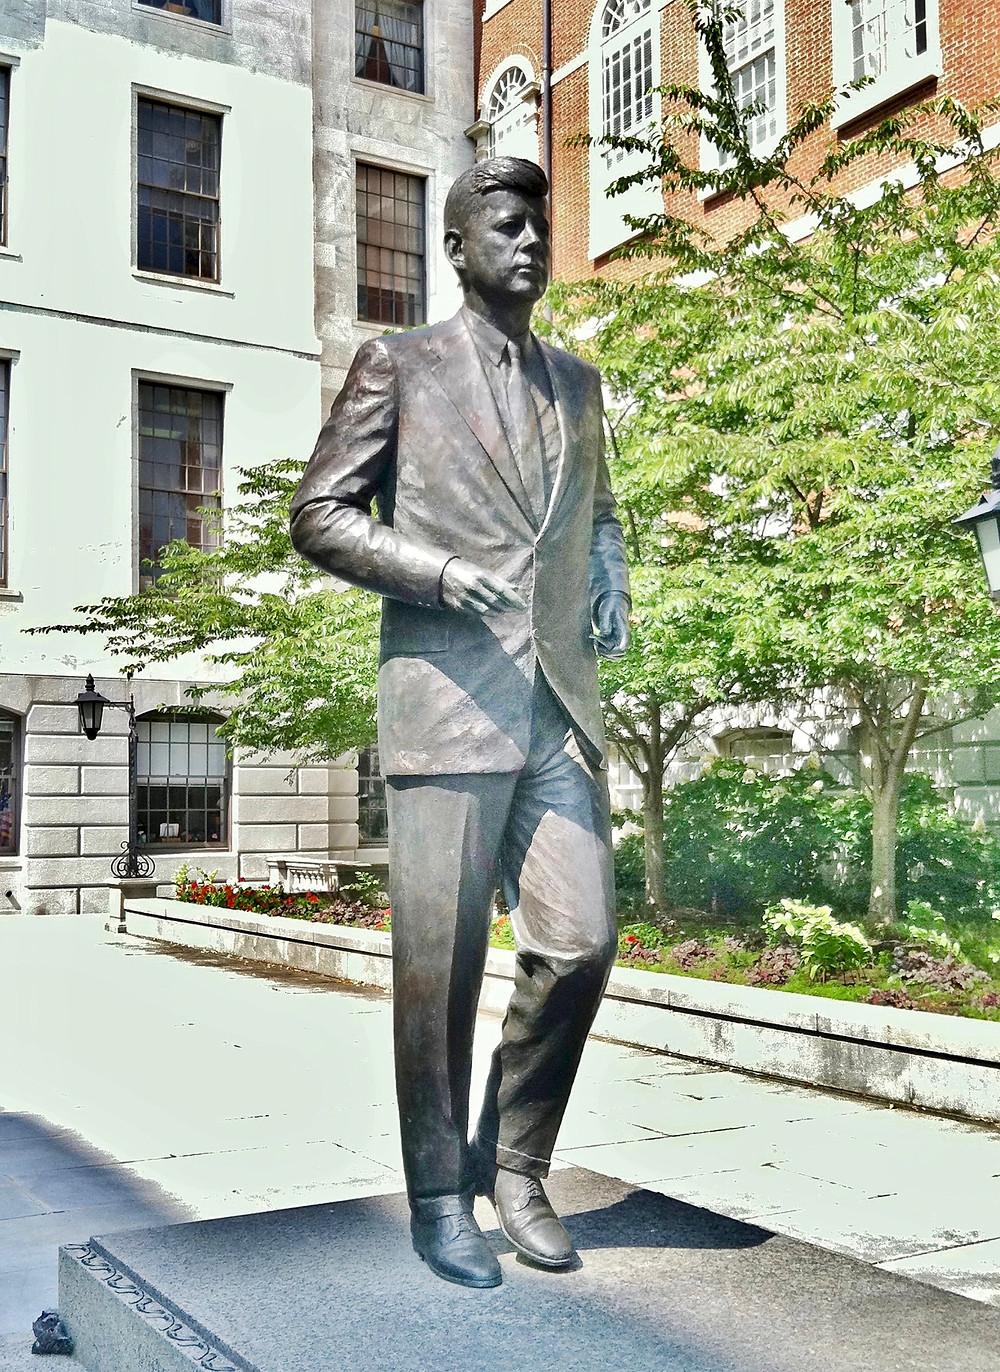 JFK statue by Isabel McIlvan, 1990